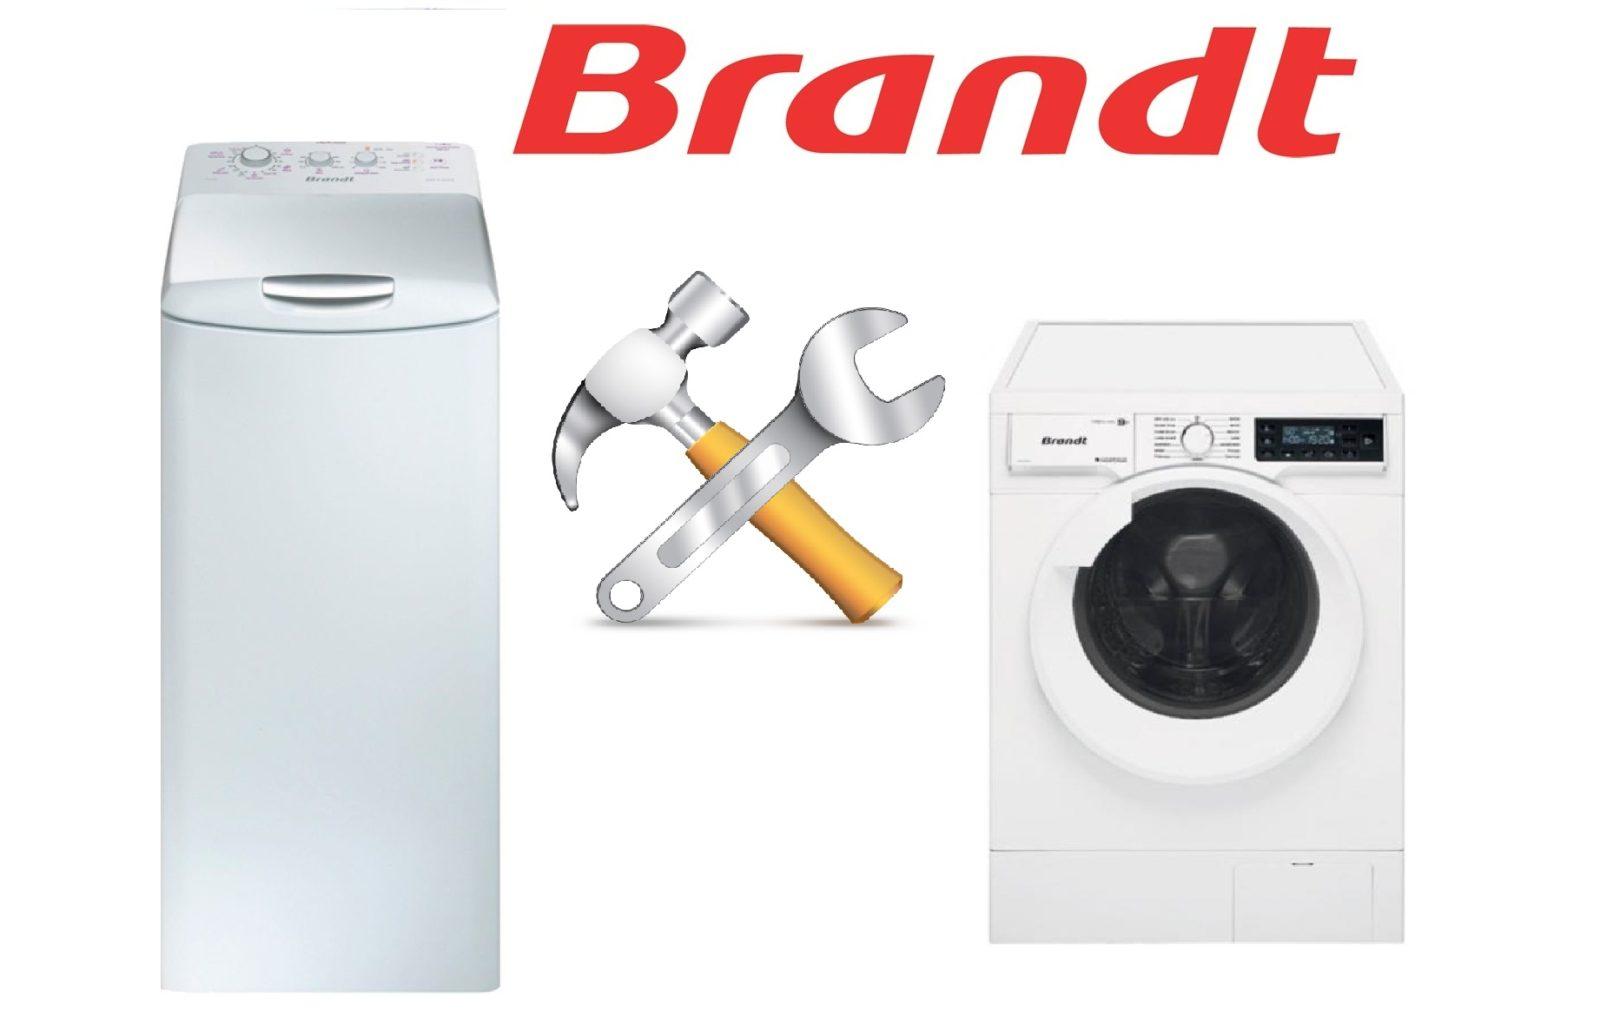 Ремонт неисправностей стиральных машин Брандт